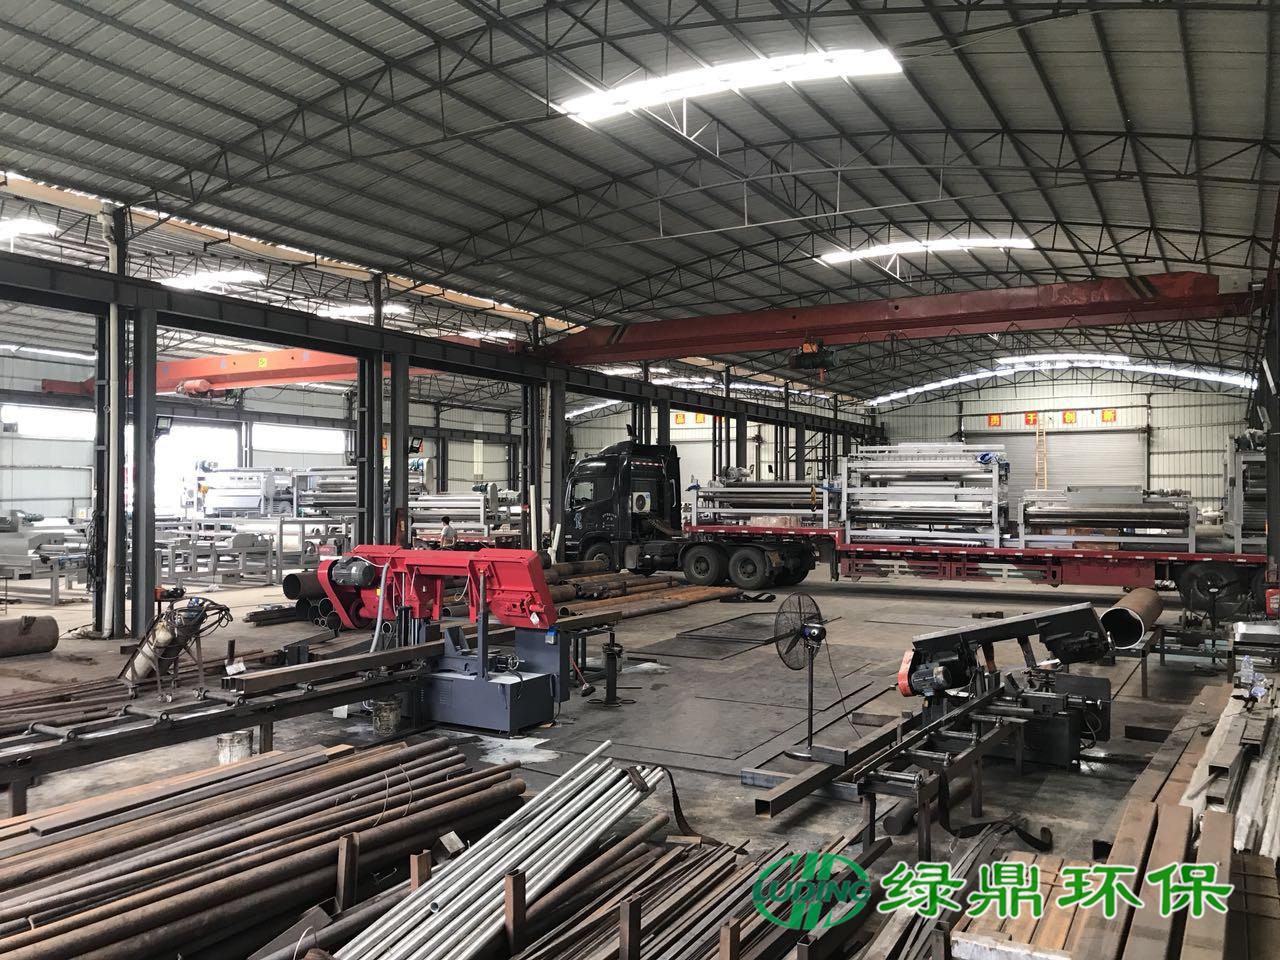 工厂图片 3